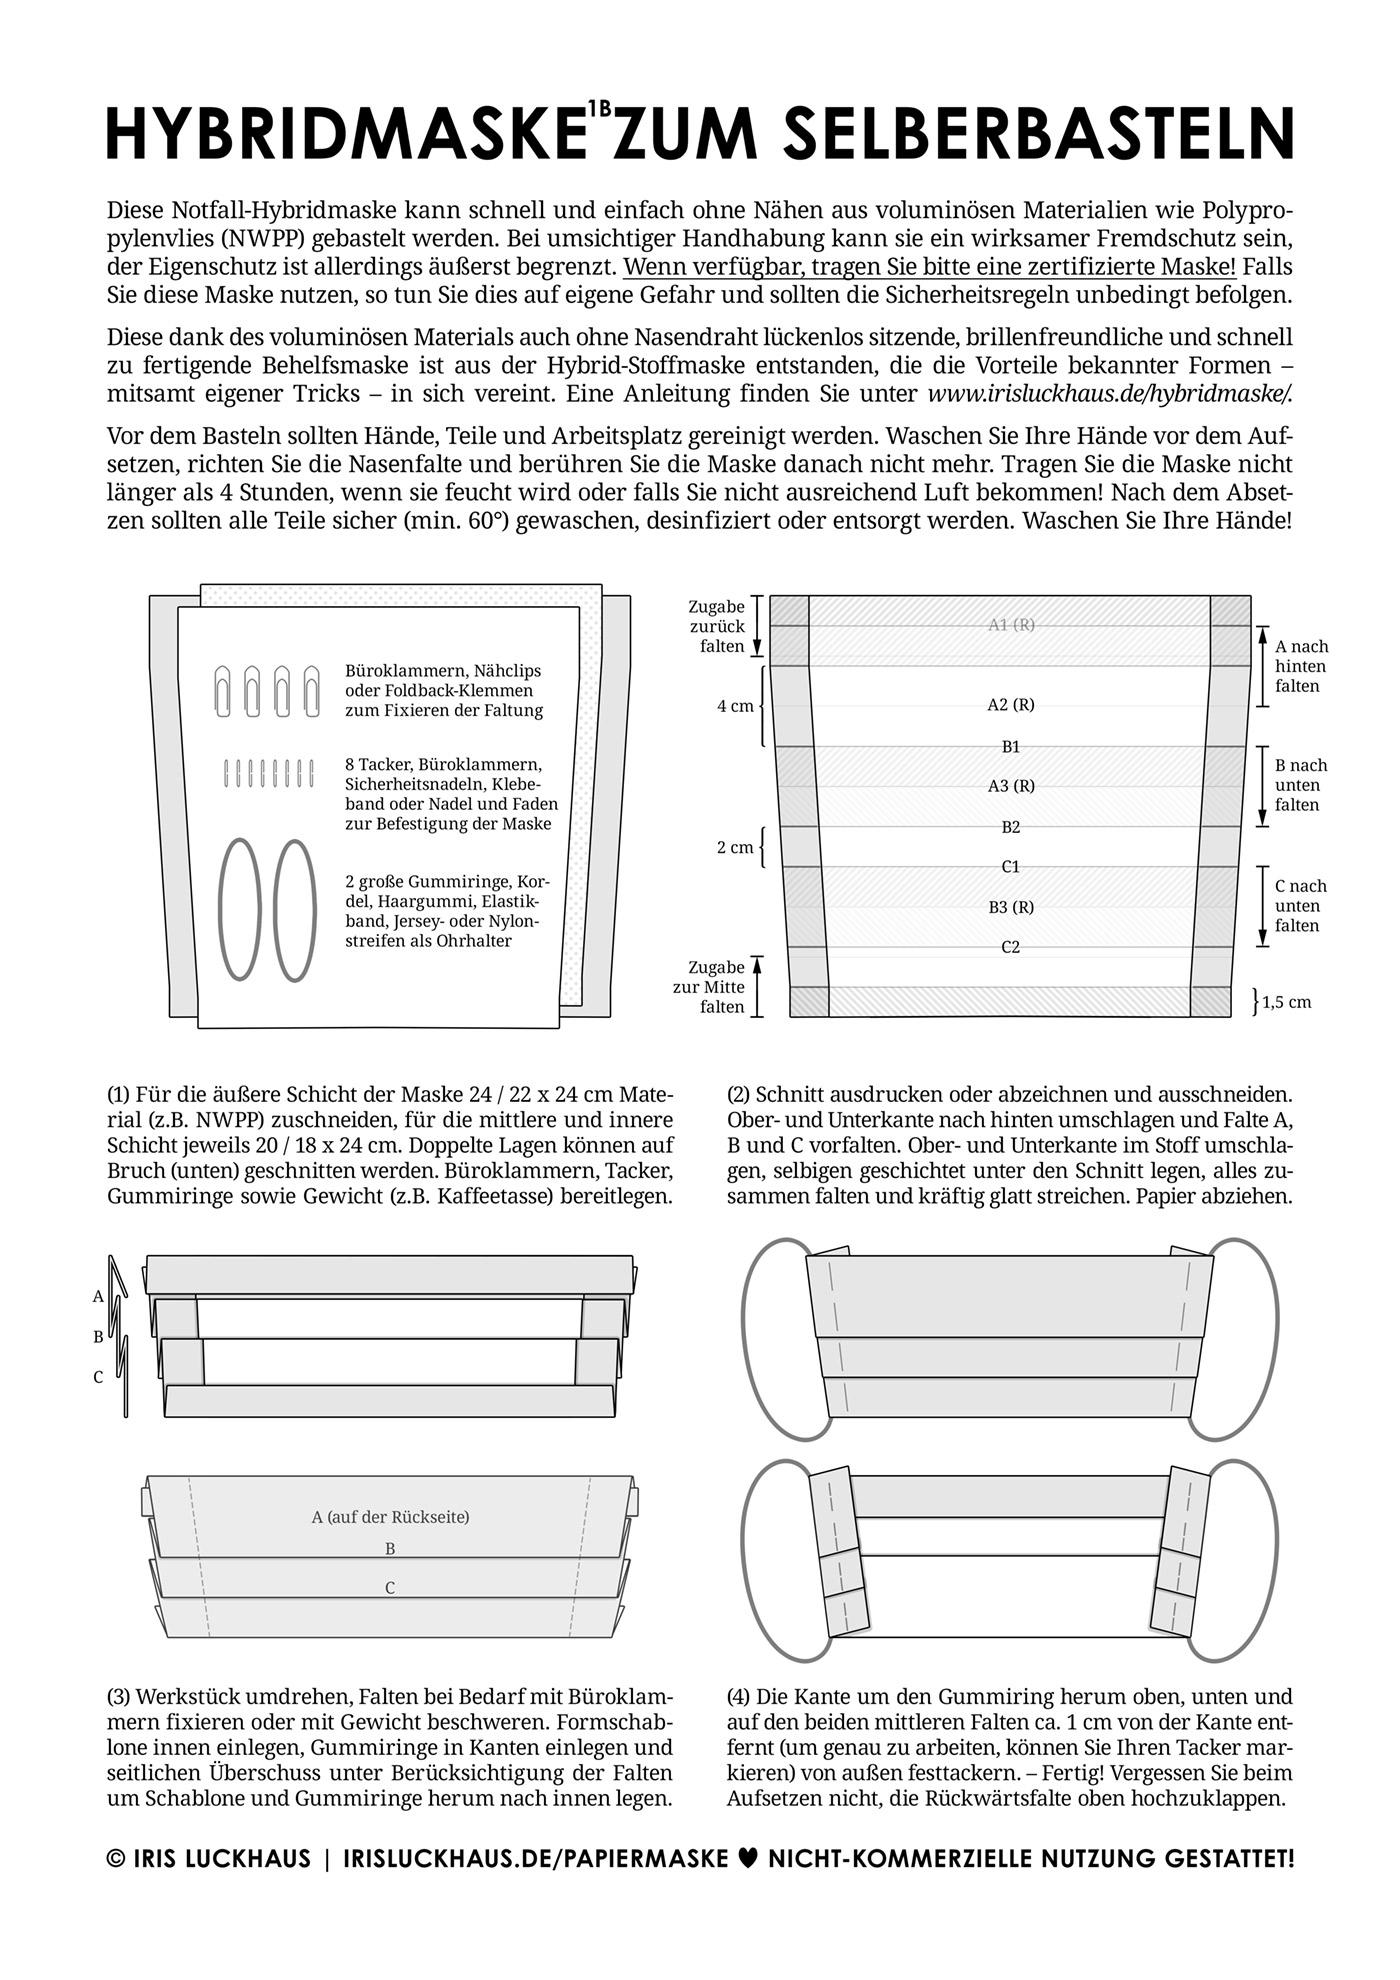 Optimierte Instant-Hybrid-Maske, Hybrid-Instant-Maske, Einwegmaske oder Wegwerfmaske, Behelfsmaske, Alltagsmaske, Mundmaske oder Mund-Nase-Maske, Papiermaske oder Notfallmaske zum Selberbasteln ohne Nähen mit Anleitung, Schnittmuster und Schablone zum Basteln mit Servietten, Tacker, Filter, Papierhandtuch, Papiertaschentuch oder Stoff und Gummiring von Iris Luckhaus